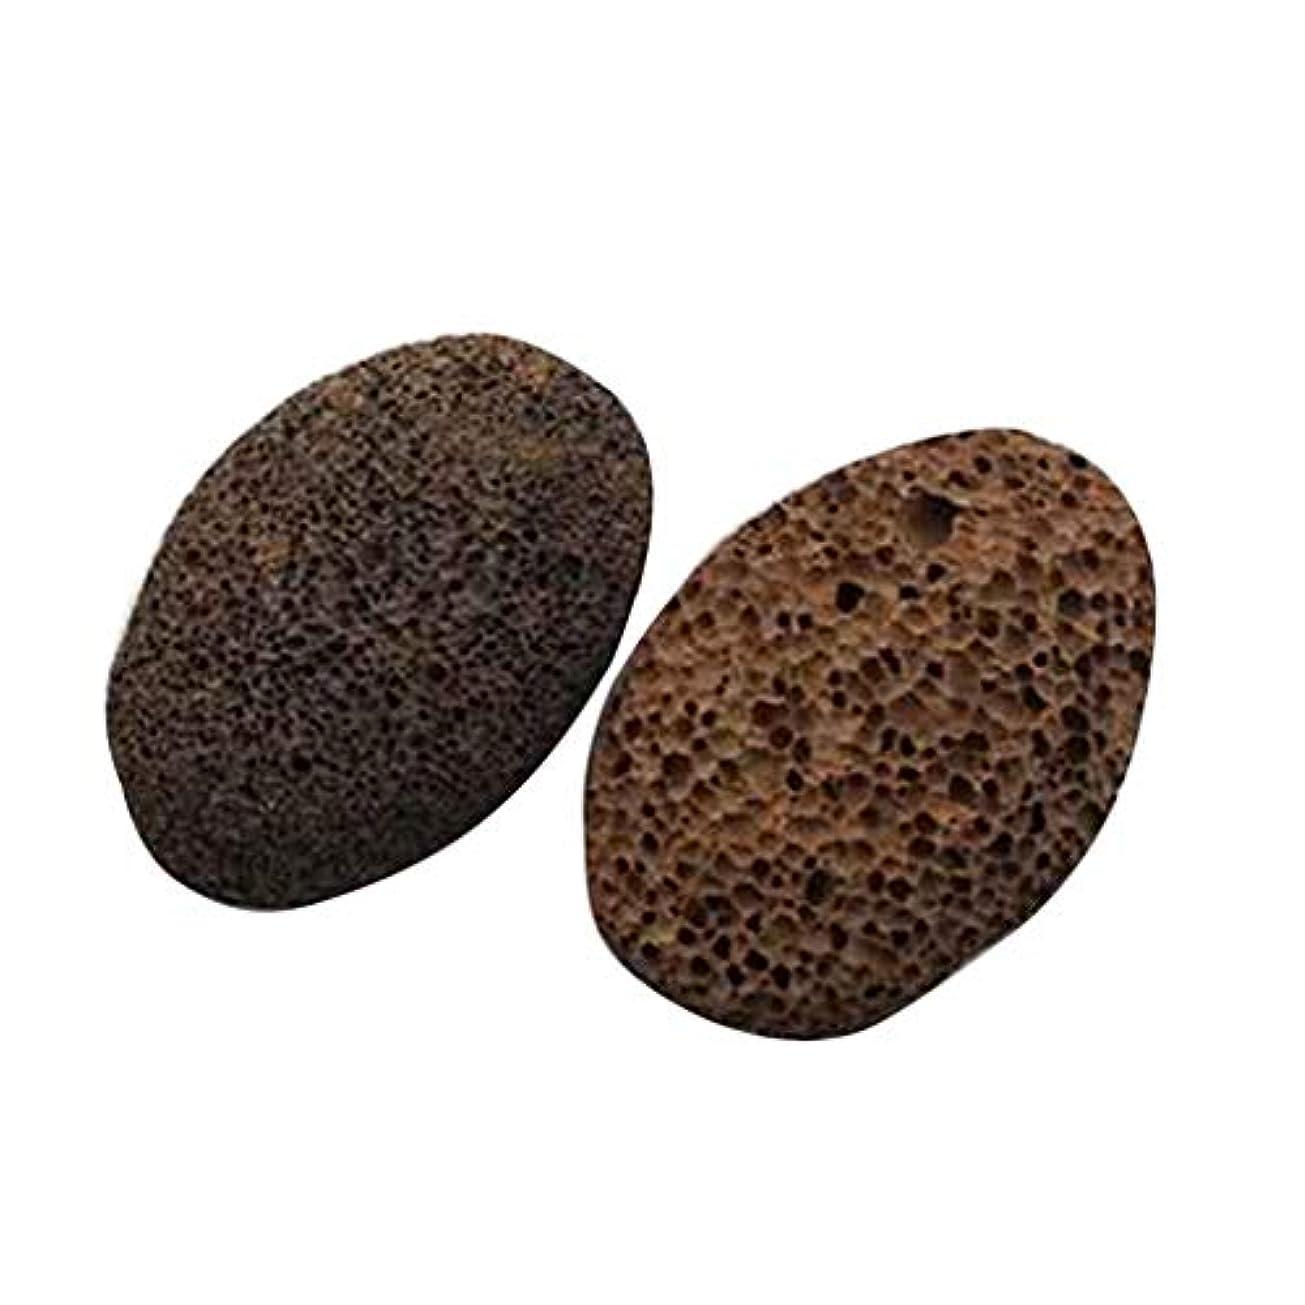 若者手がかり測るNerhaily 死んだ皮軽石を取り除き 足石を挽いて 自然の火山石を剥がします 足マッサージ石 ワイプ足石 2個セット